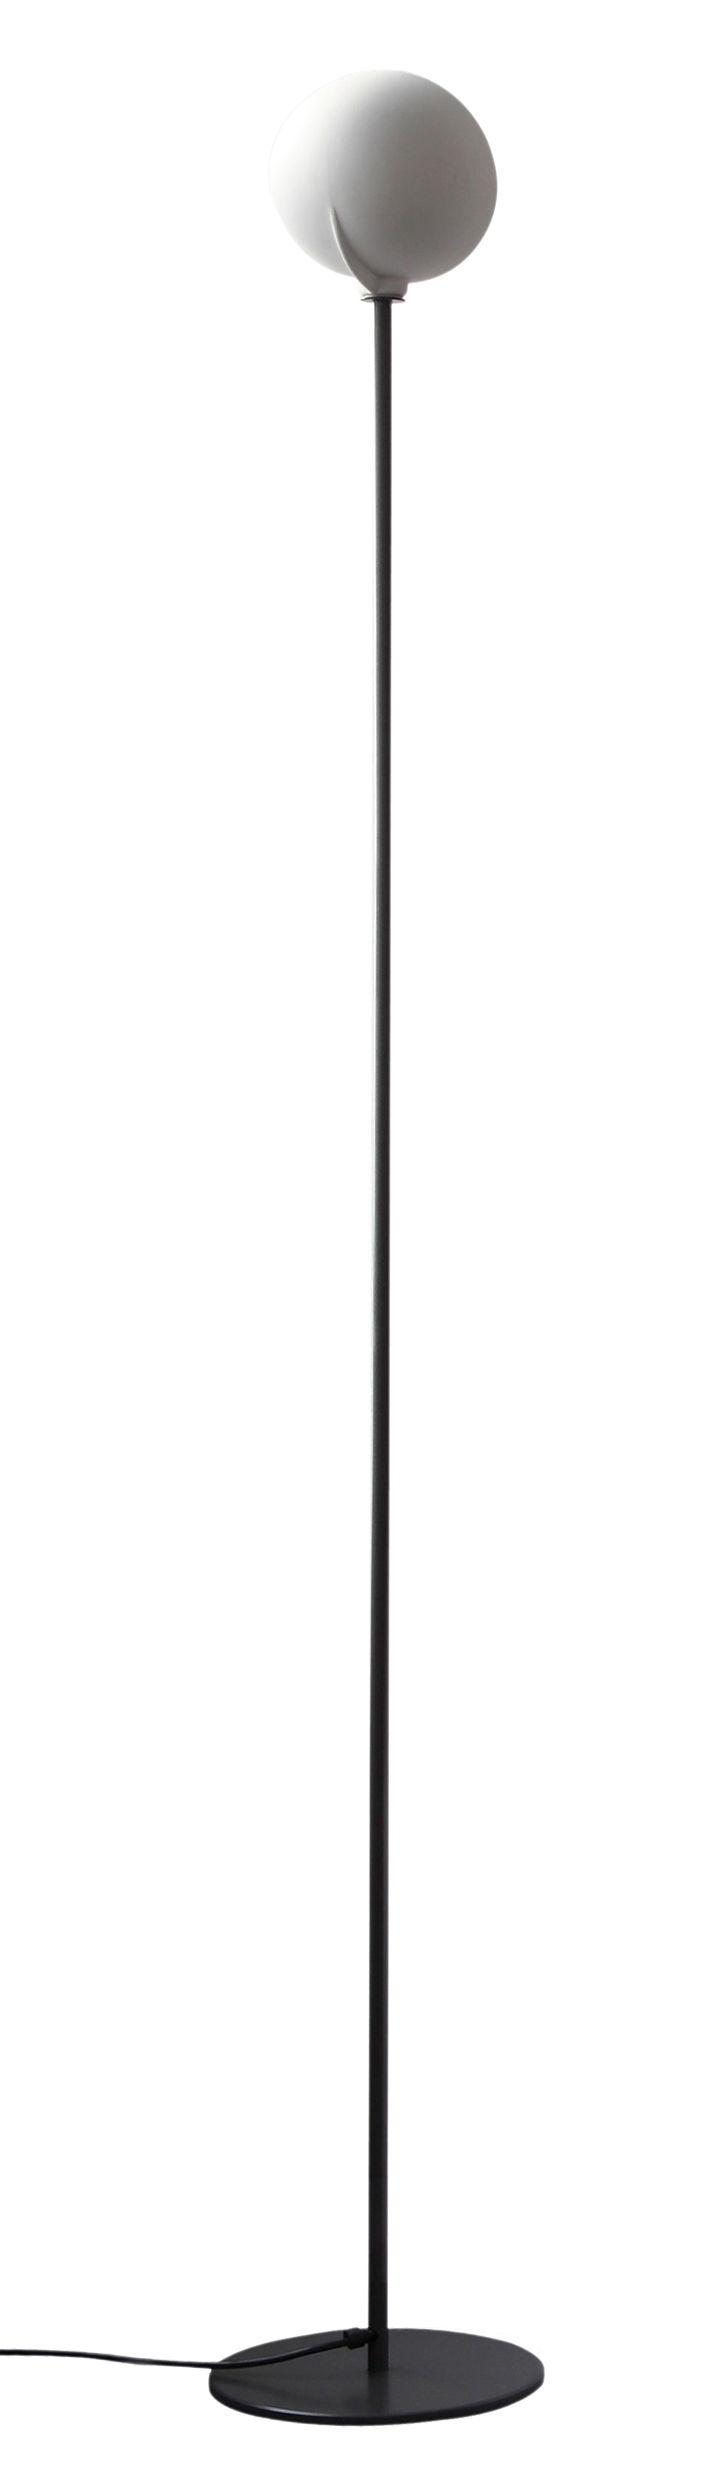 Leuchten - Stehleuchten - Deux chevaux Stehleuchte - Zeus - Weiß / Fuß schwarzgrau - phosphatierter Stahl, Porzellan